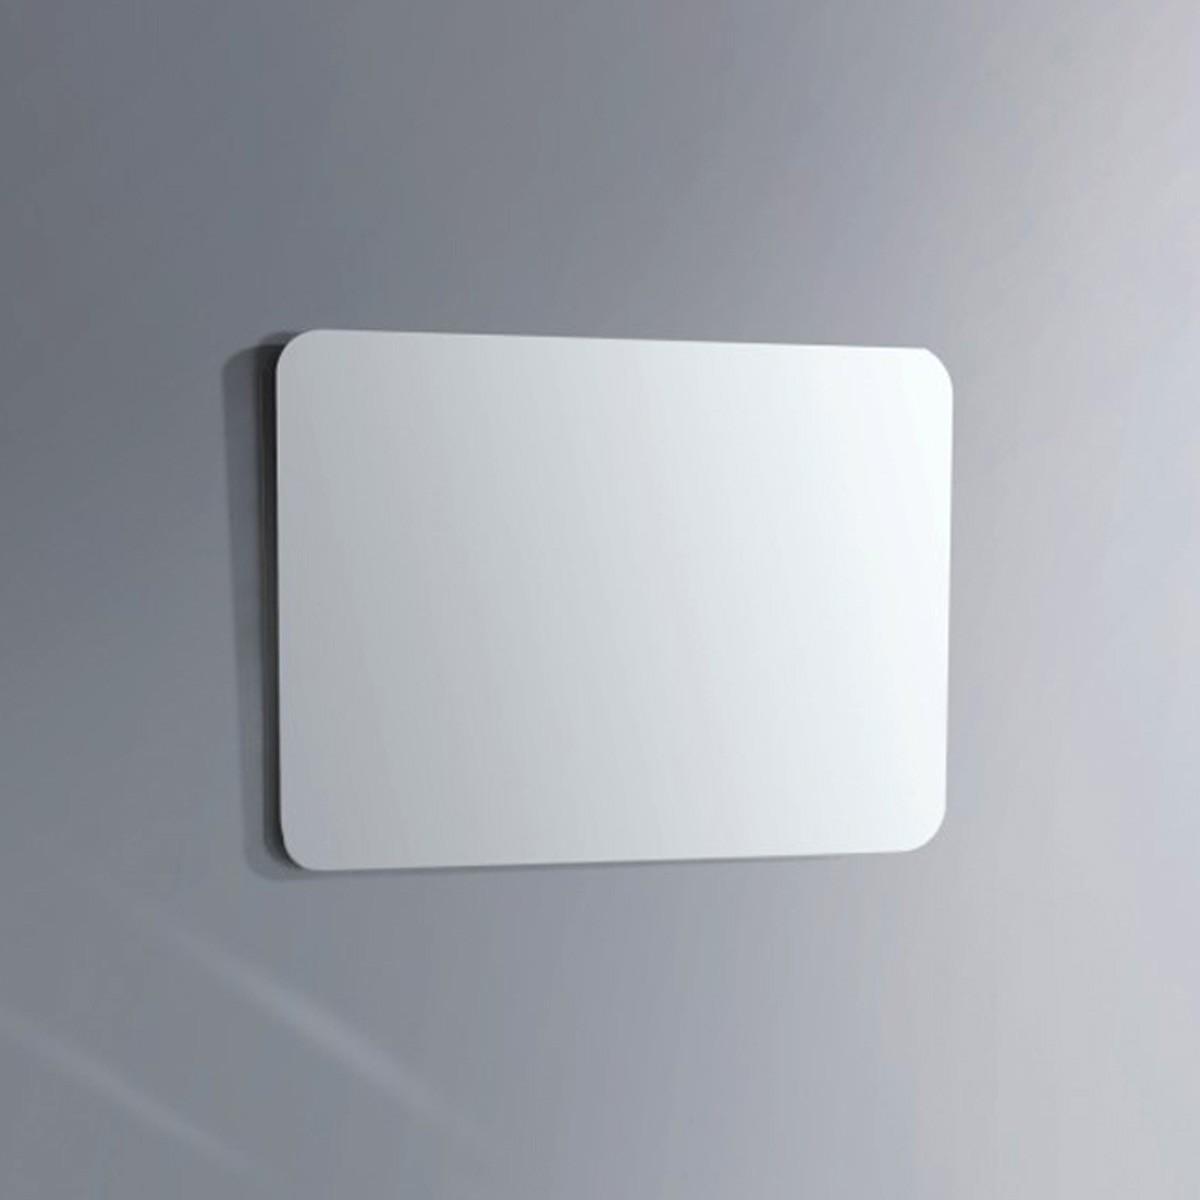 30 x 20 po Miroir pour vanité salle de bain (MY8002-M)